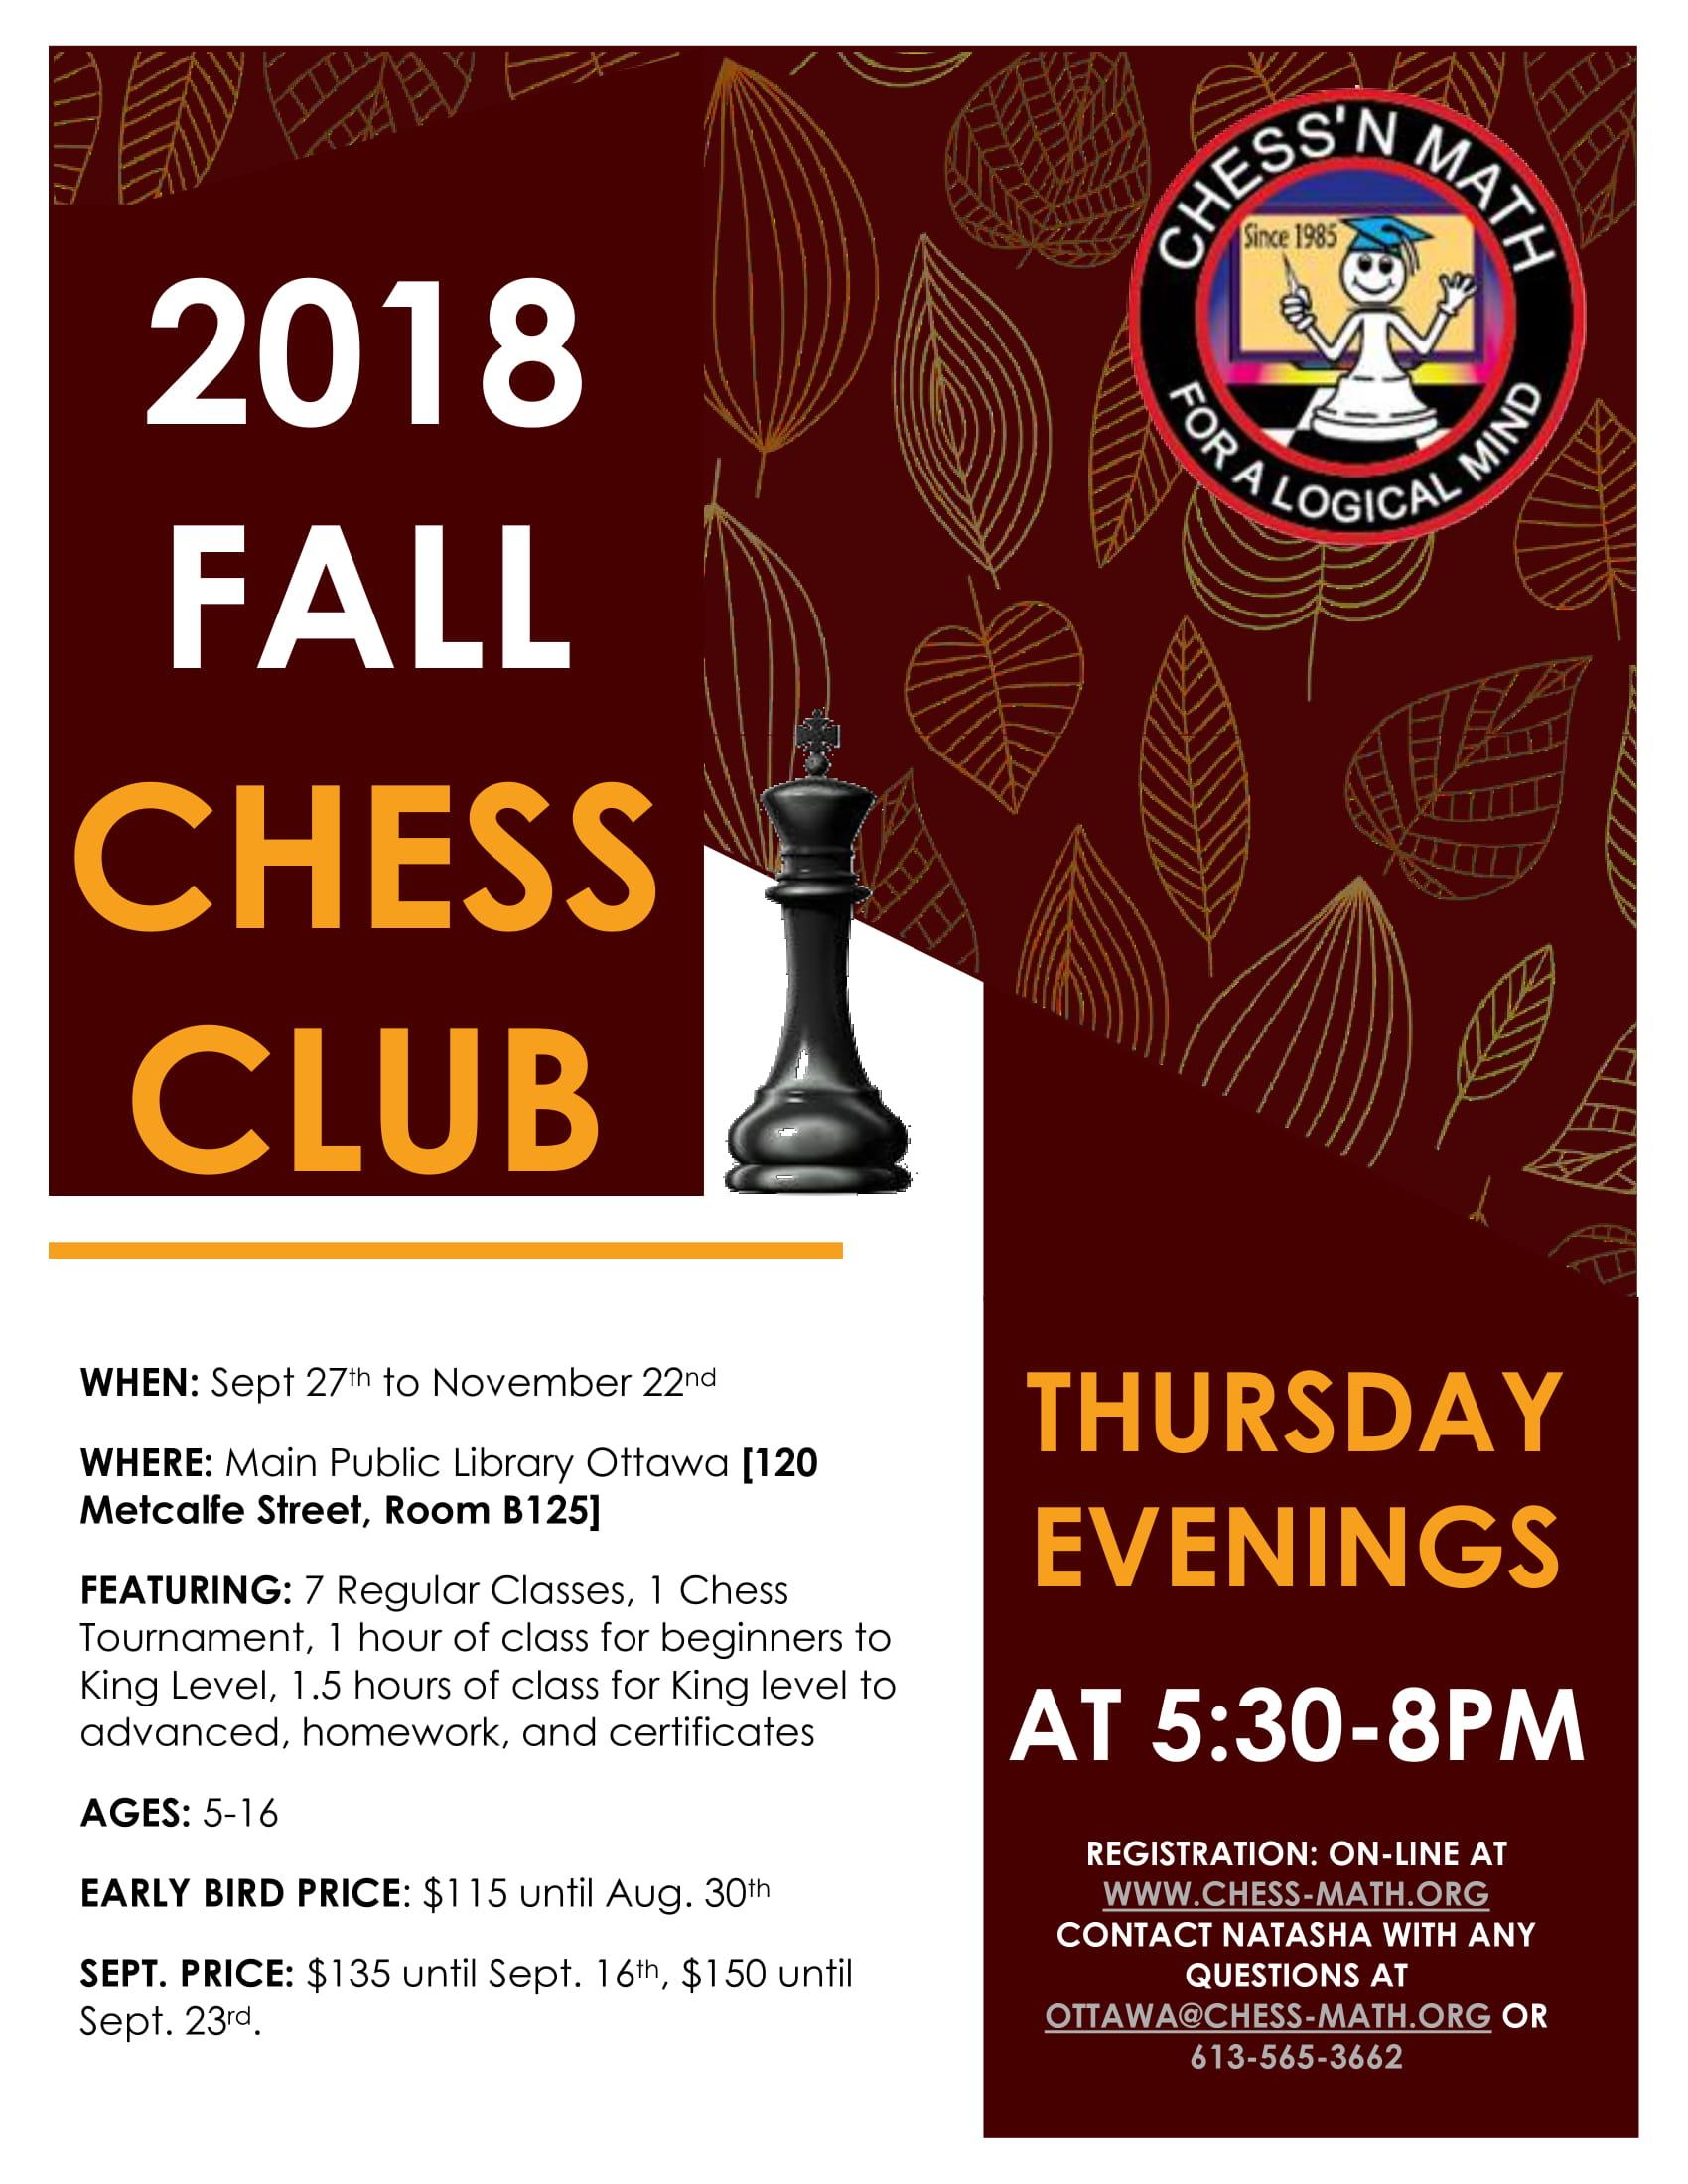 Thursday Evening Chess Club Fall 2018